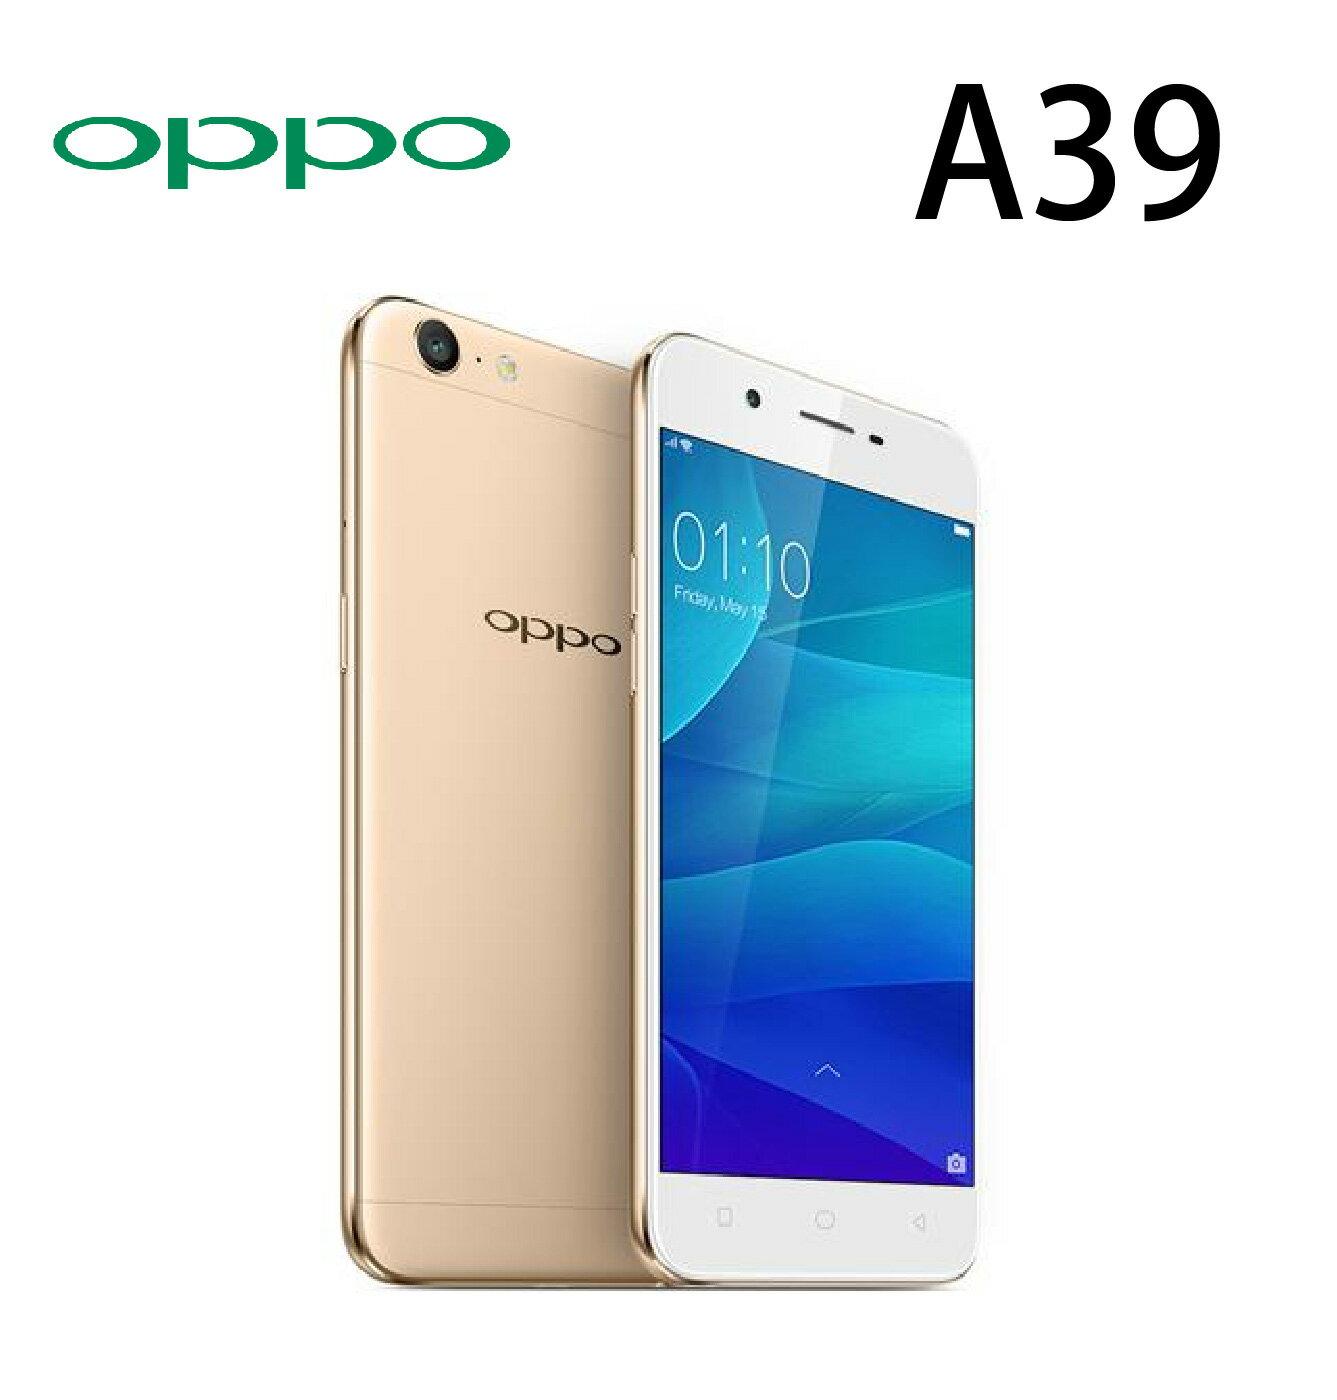 OPPO A39/愛自拍 無止盡 攜碼/續約遠傳電信門號月付$799專案 手機0元